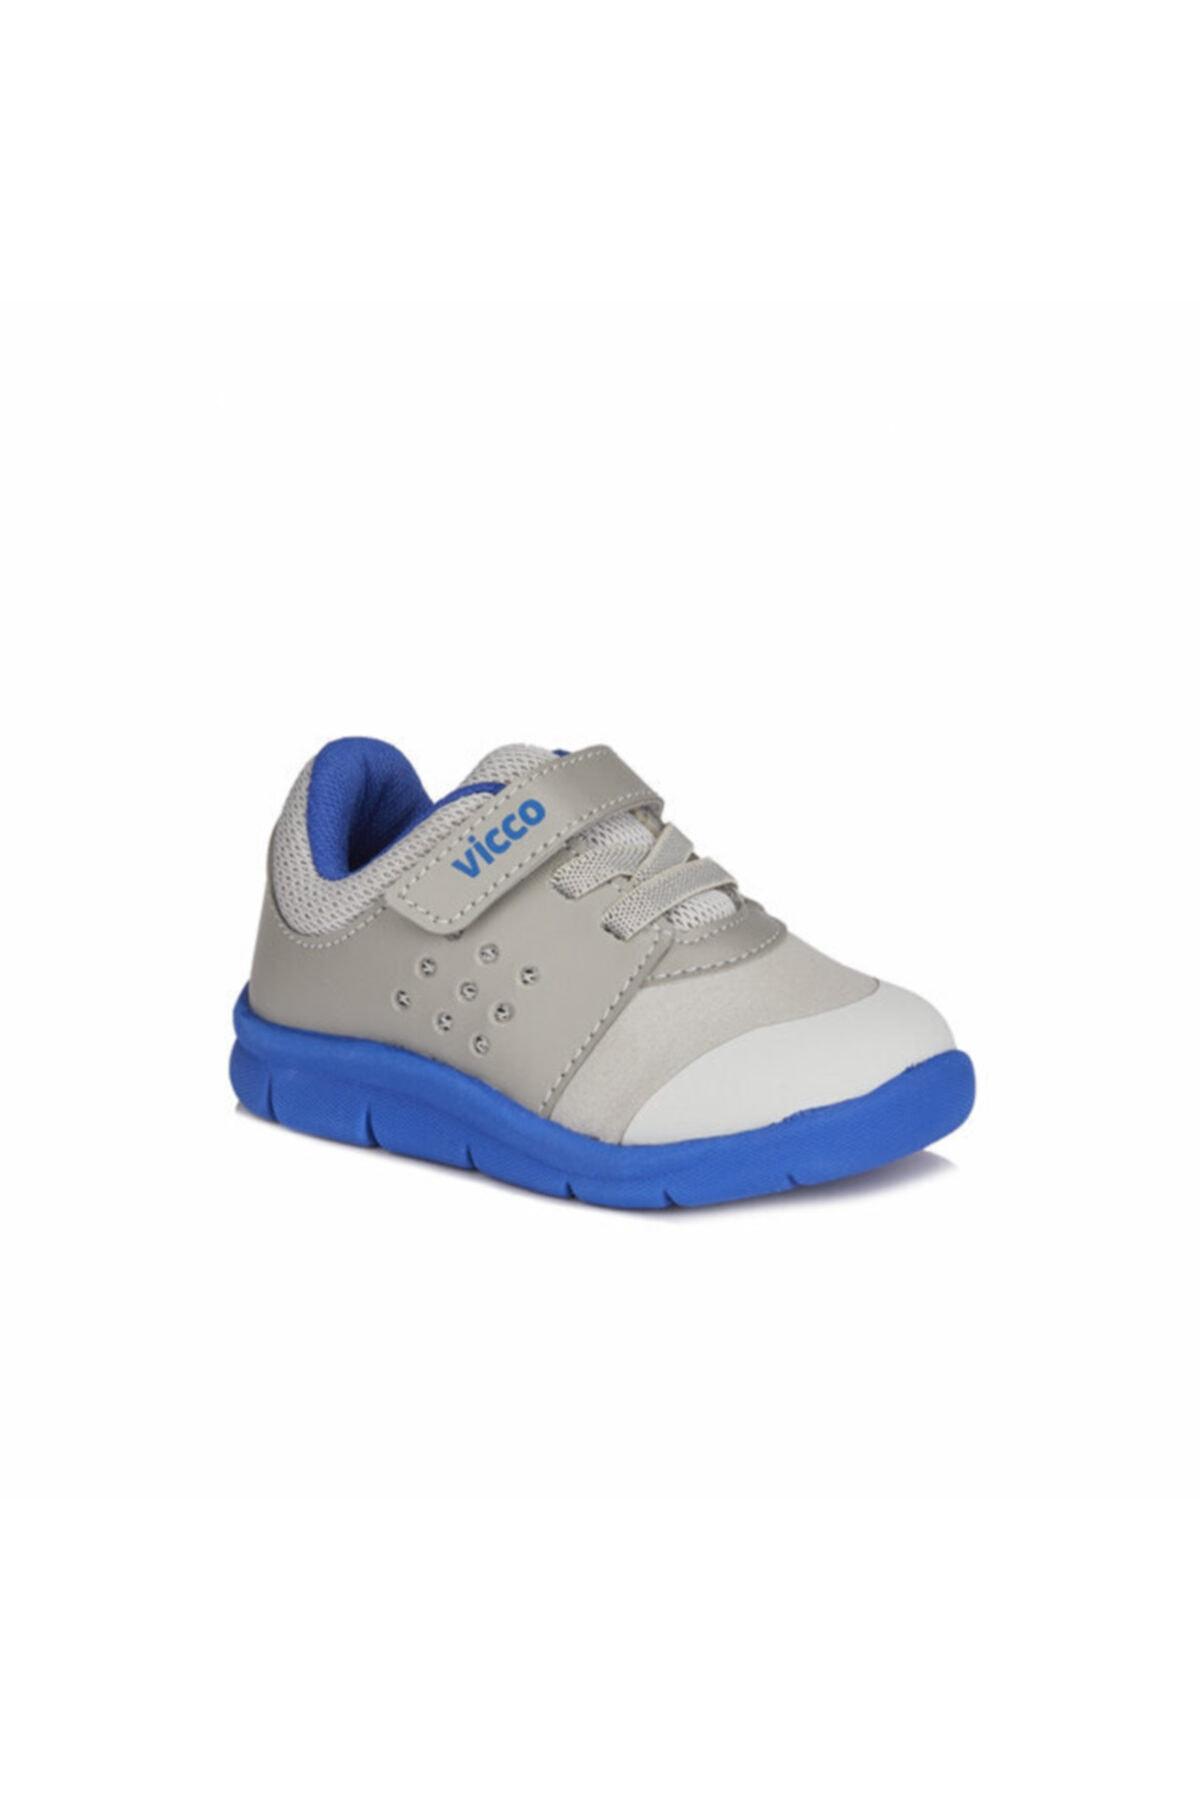 Vicco Mario Iı Erkek Çocuk Gri/saks Mavi Spor Ayakkabı 1